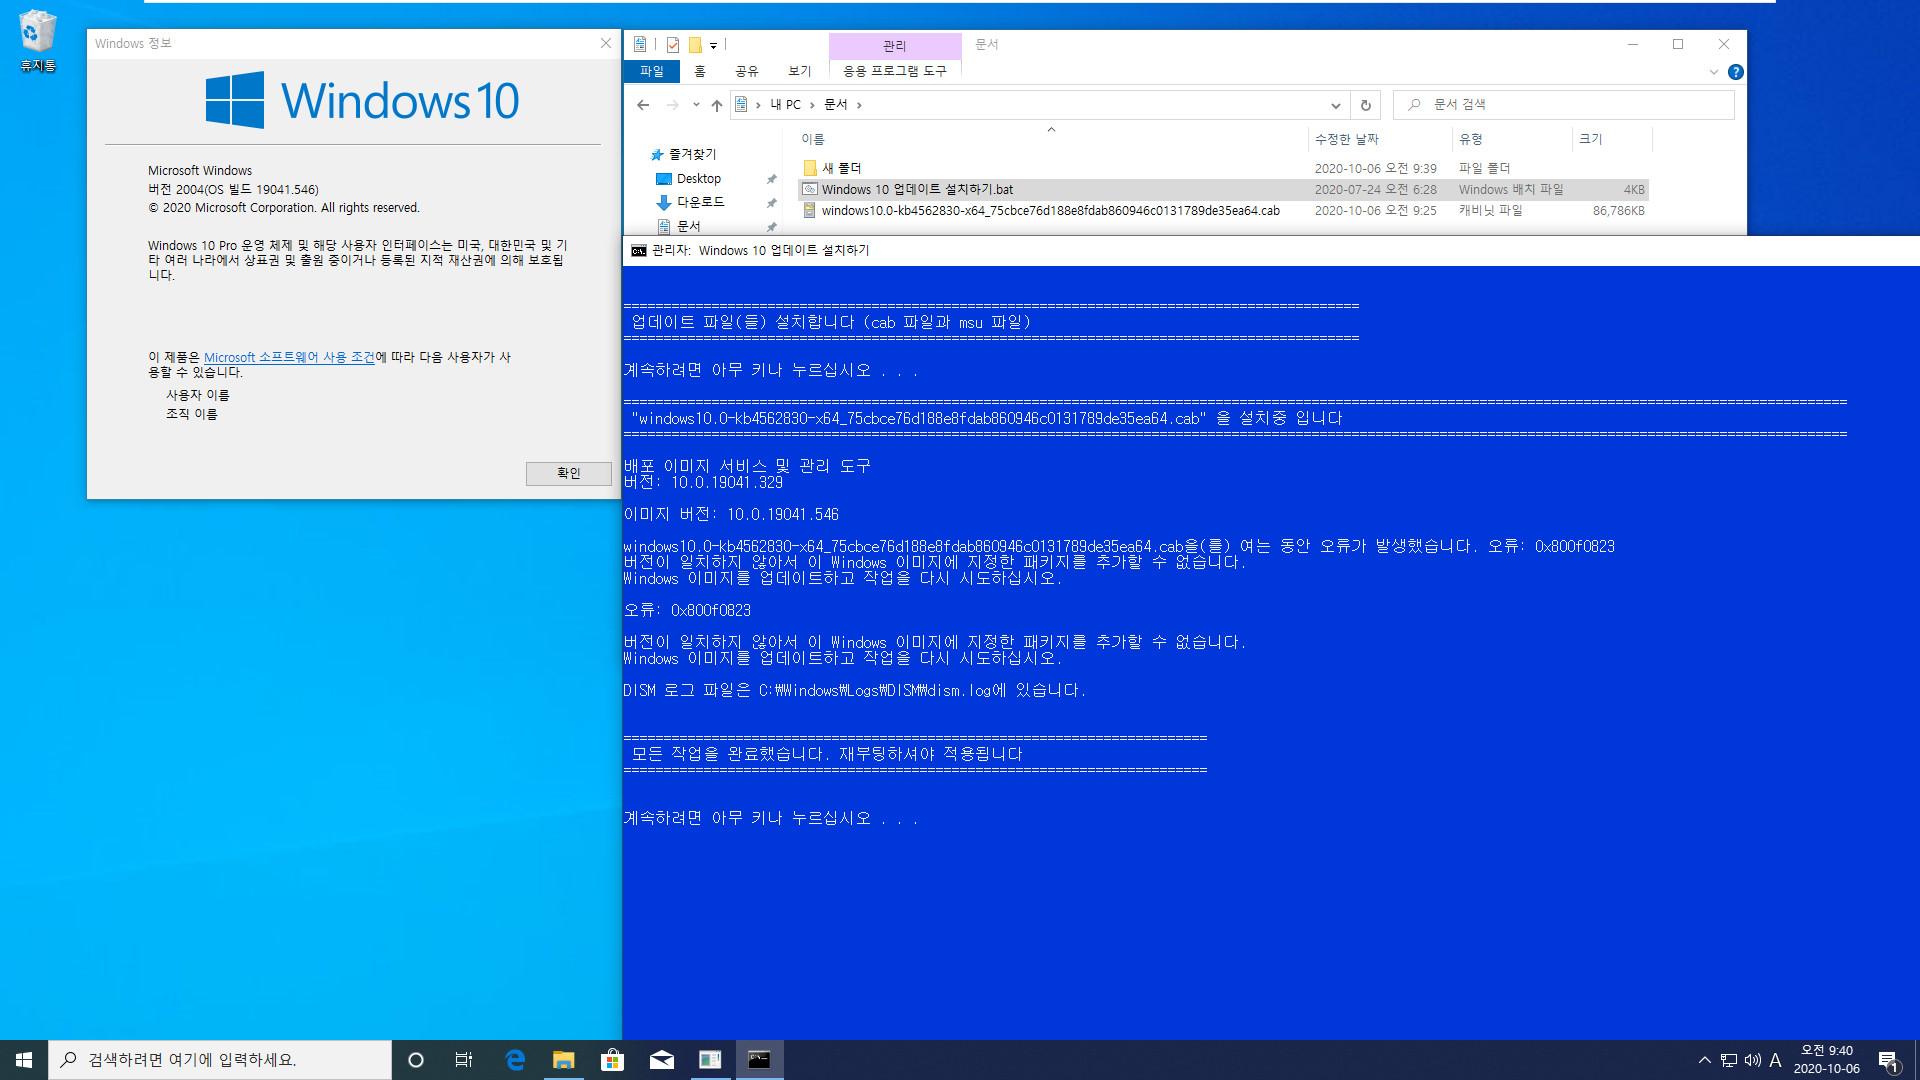 버전 2004 (20H1)에서 버전 2009 (20H2) 업그레이드하기 - 누적 업데이트와 서비스 스택이 설치되어 있지 않은 경우 2020-10-06_094001.jpg